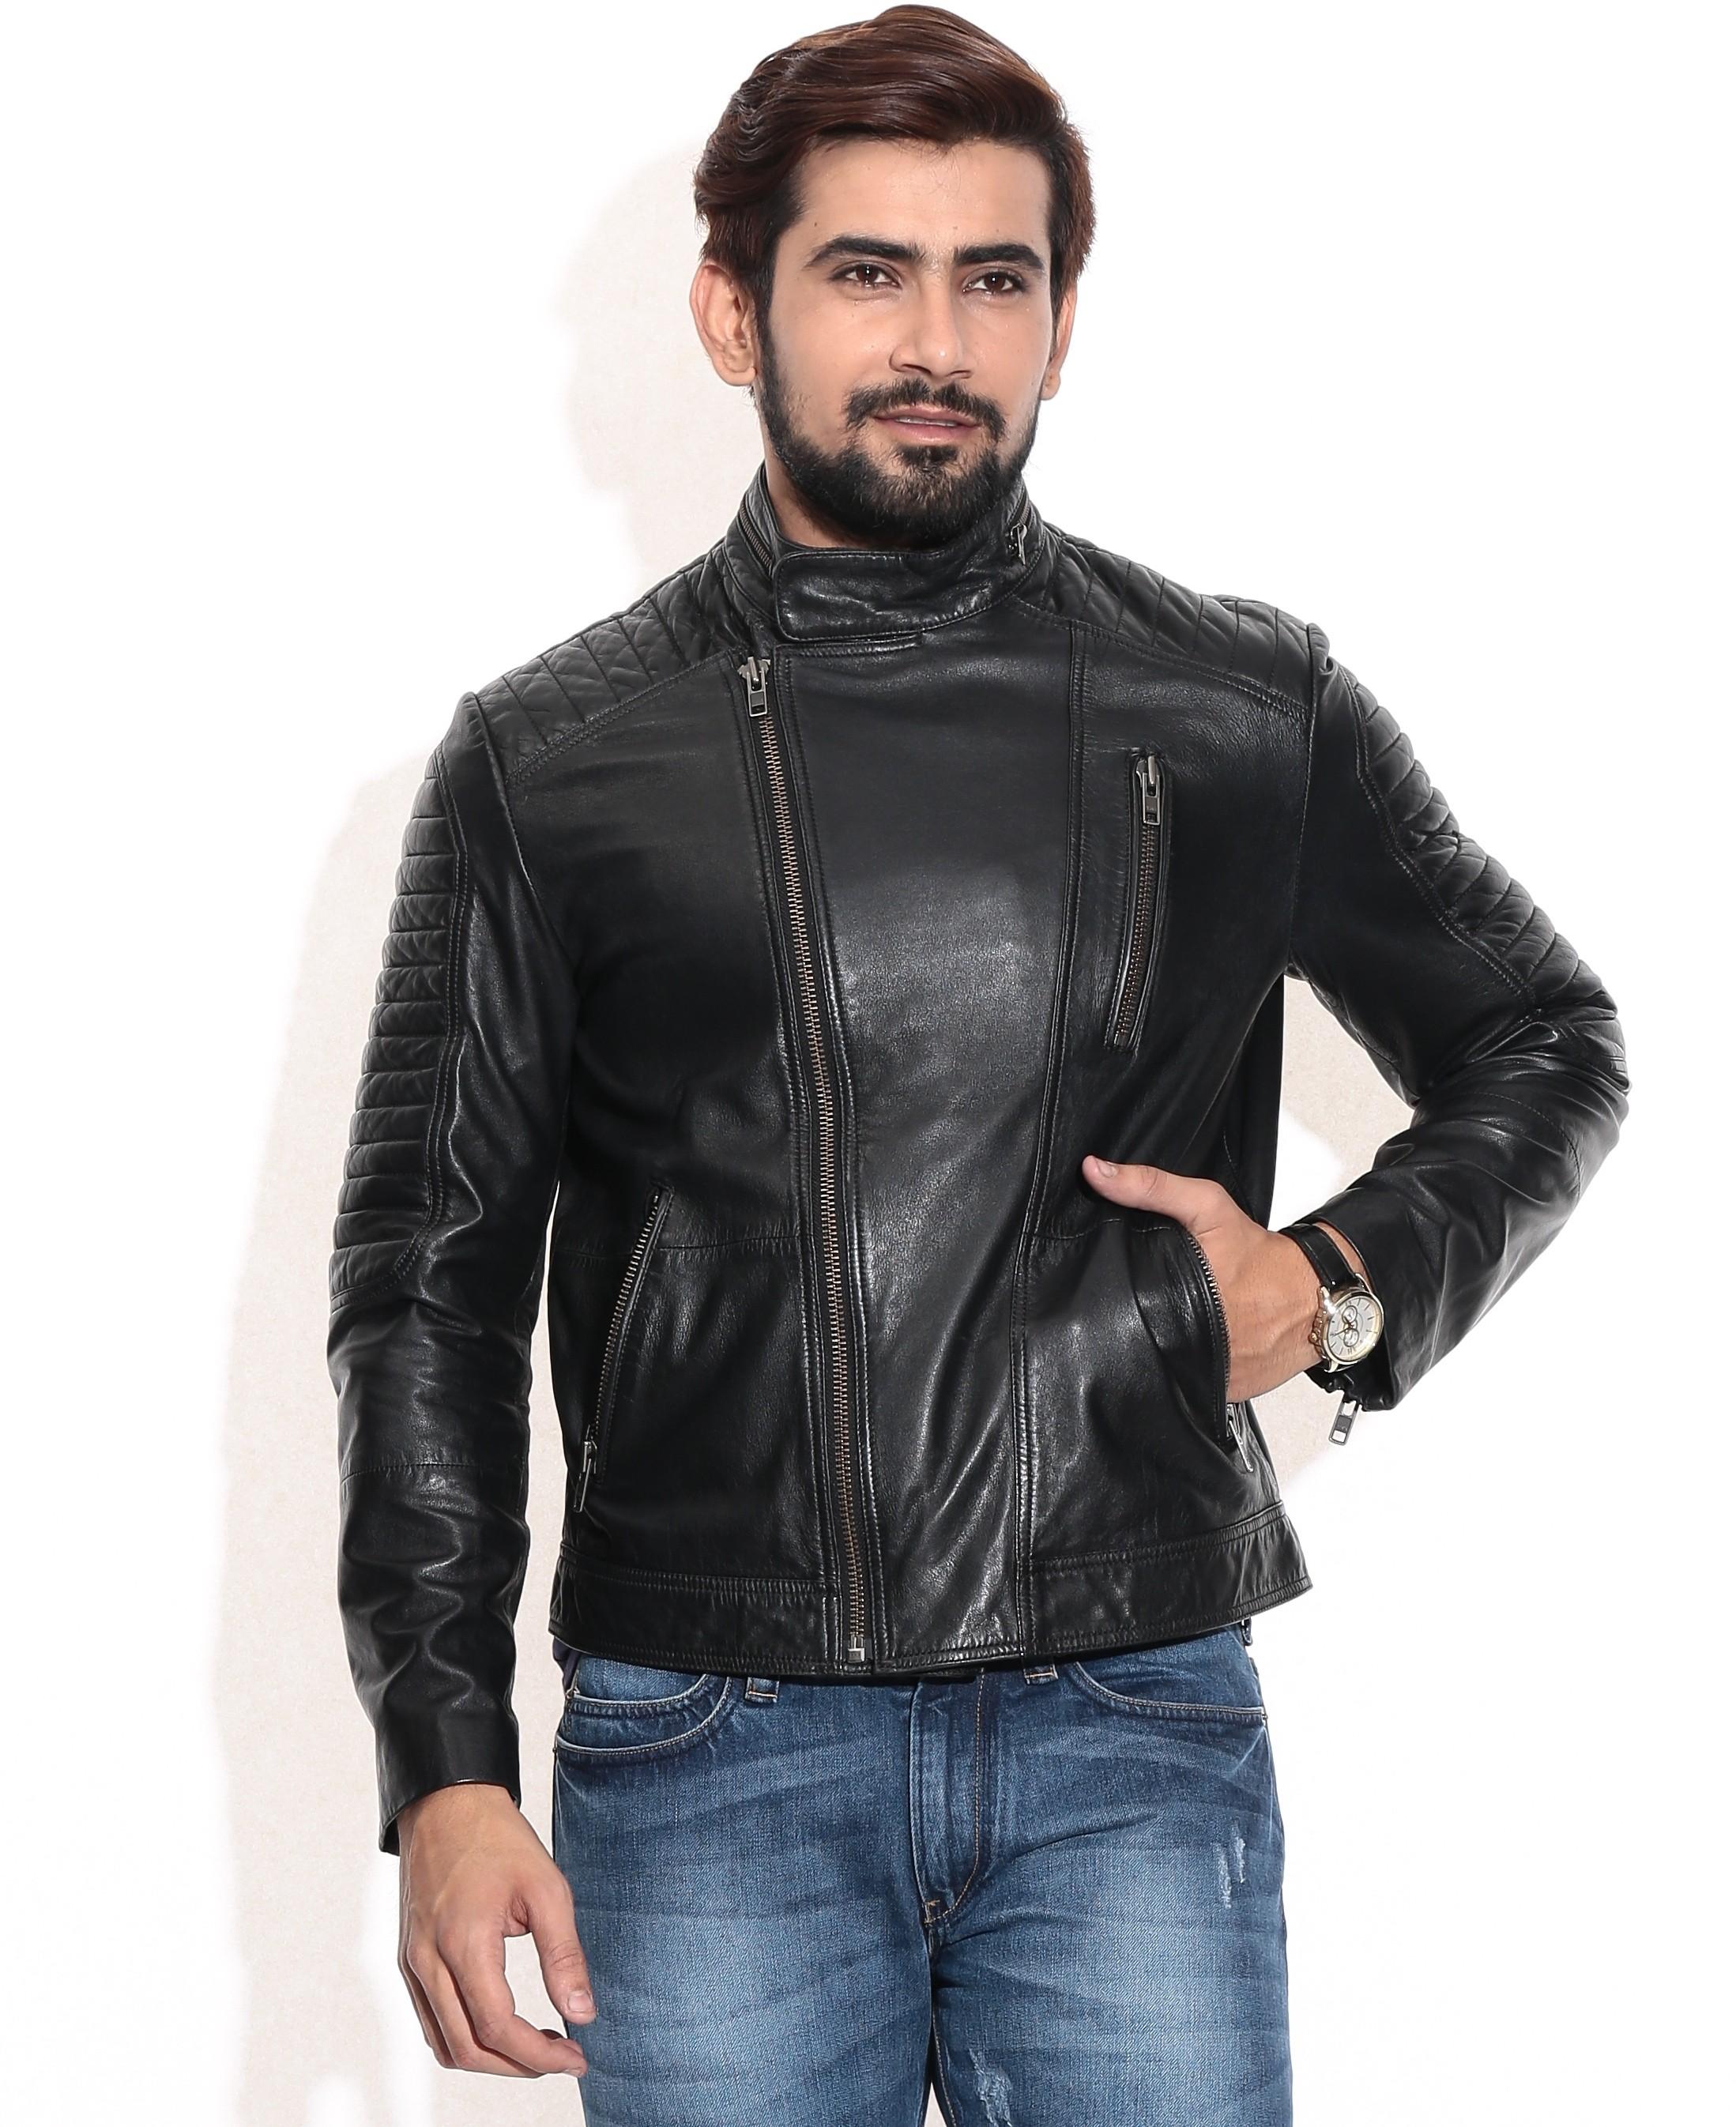 Theo&Ash Full Sleeve Solid Men's Biker Jacket - Knit Wear